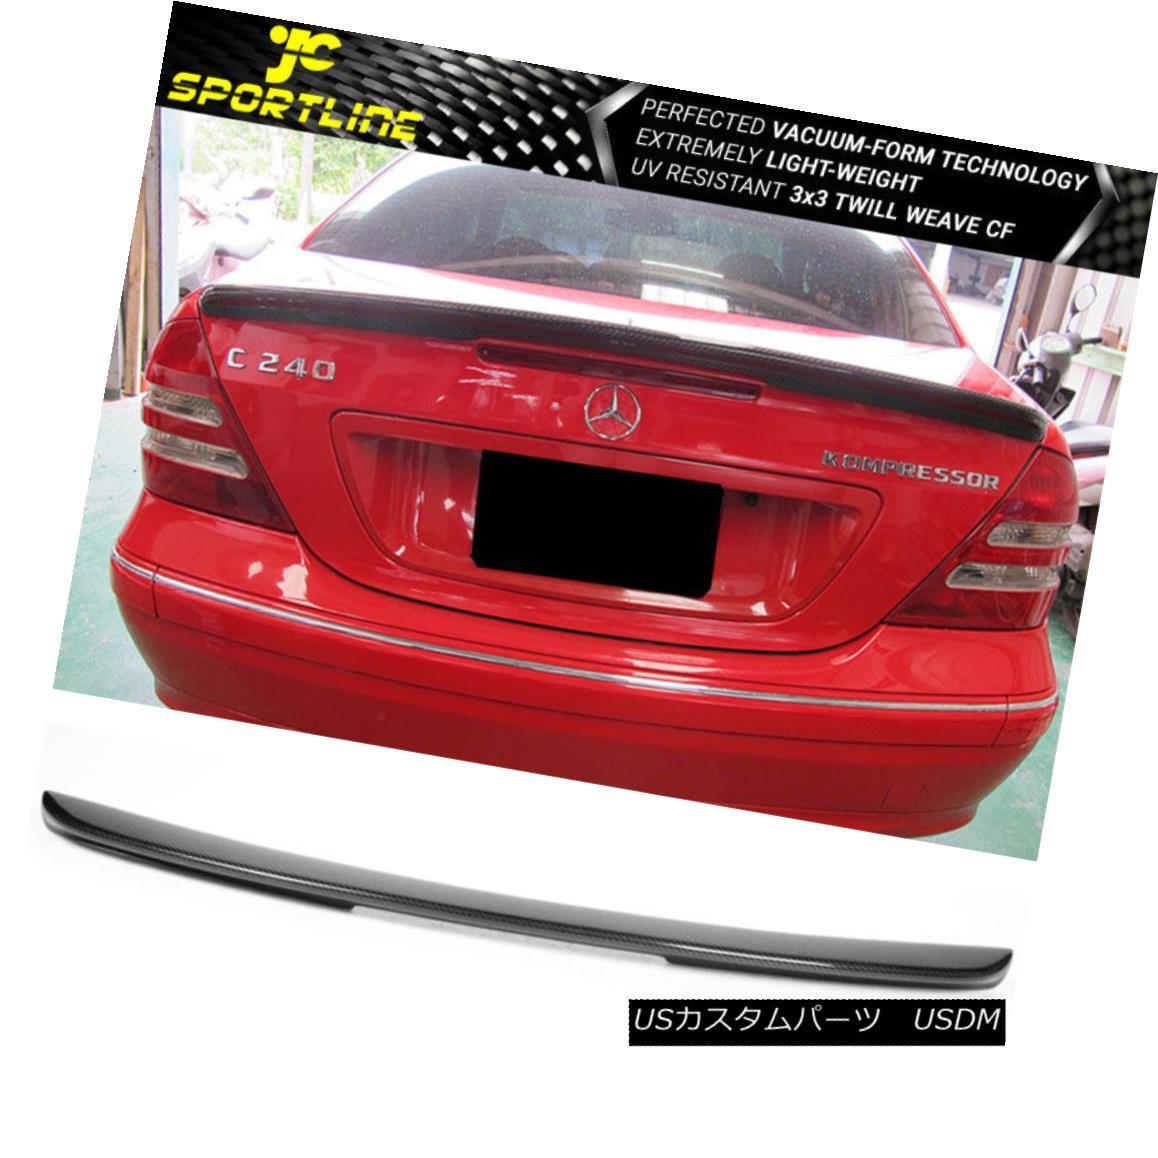 エアロパーツ Fits 01-07 Benz C-Class W203 Sedan AMG Carbon Fiber Trunk Spoiler Wing フィット01-07ベンツCクラスW203セダンAMGカーボンファイバートランクスポイラーウィング